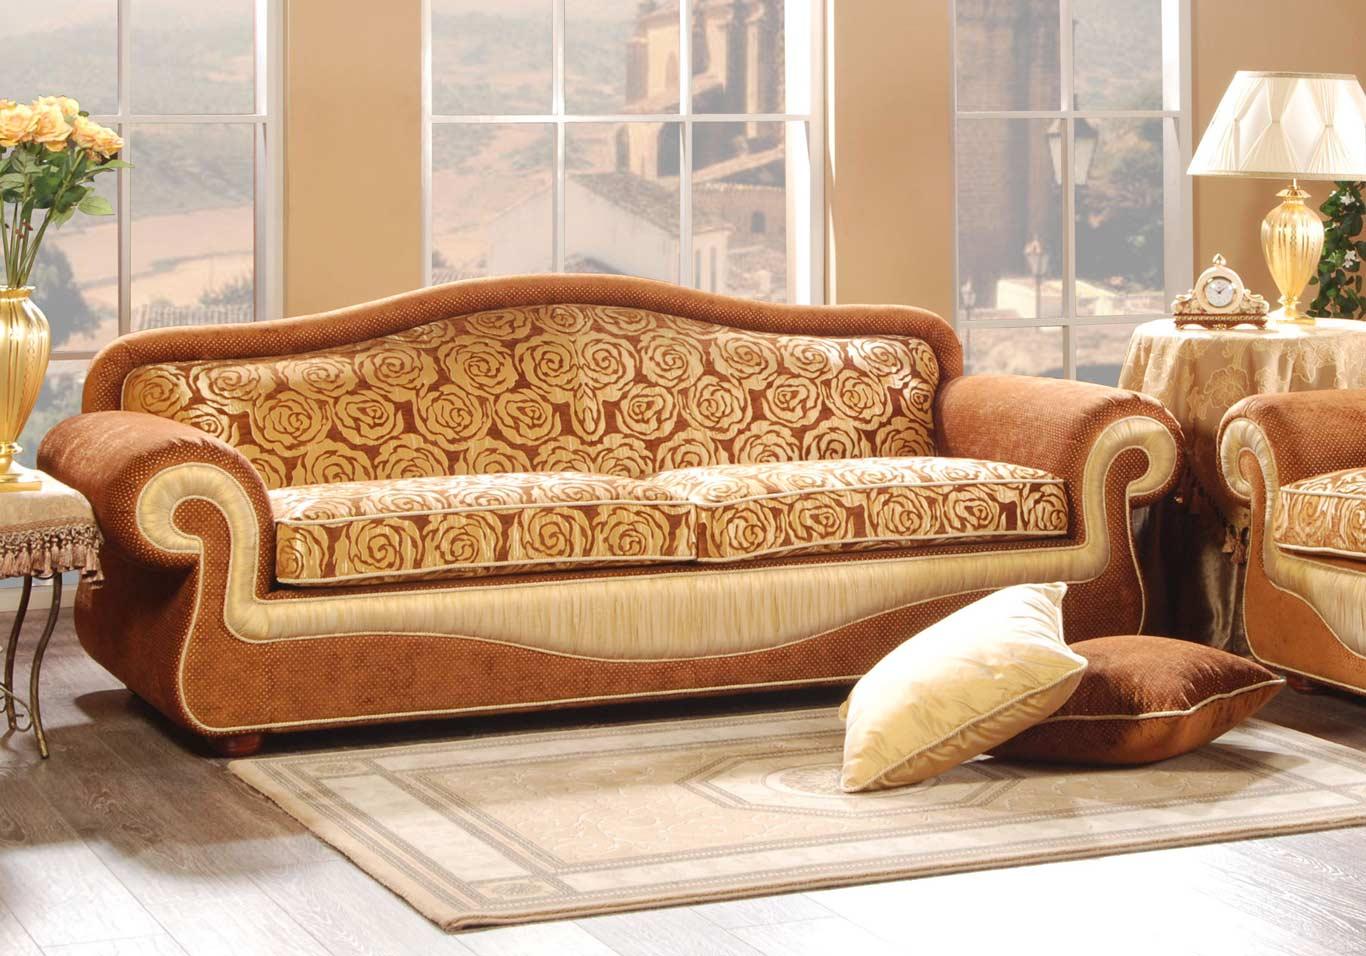 чем чистить мягкую мебель в домашних